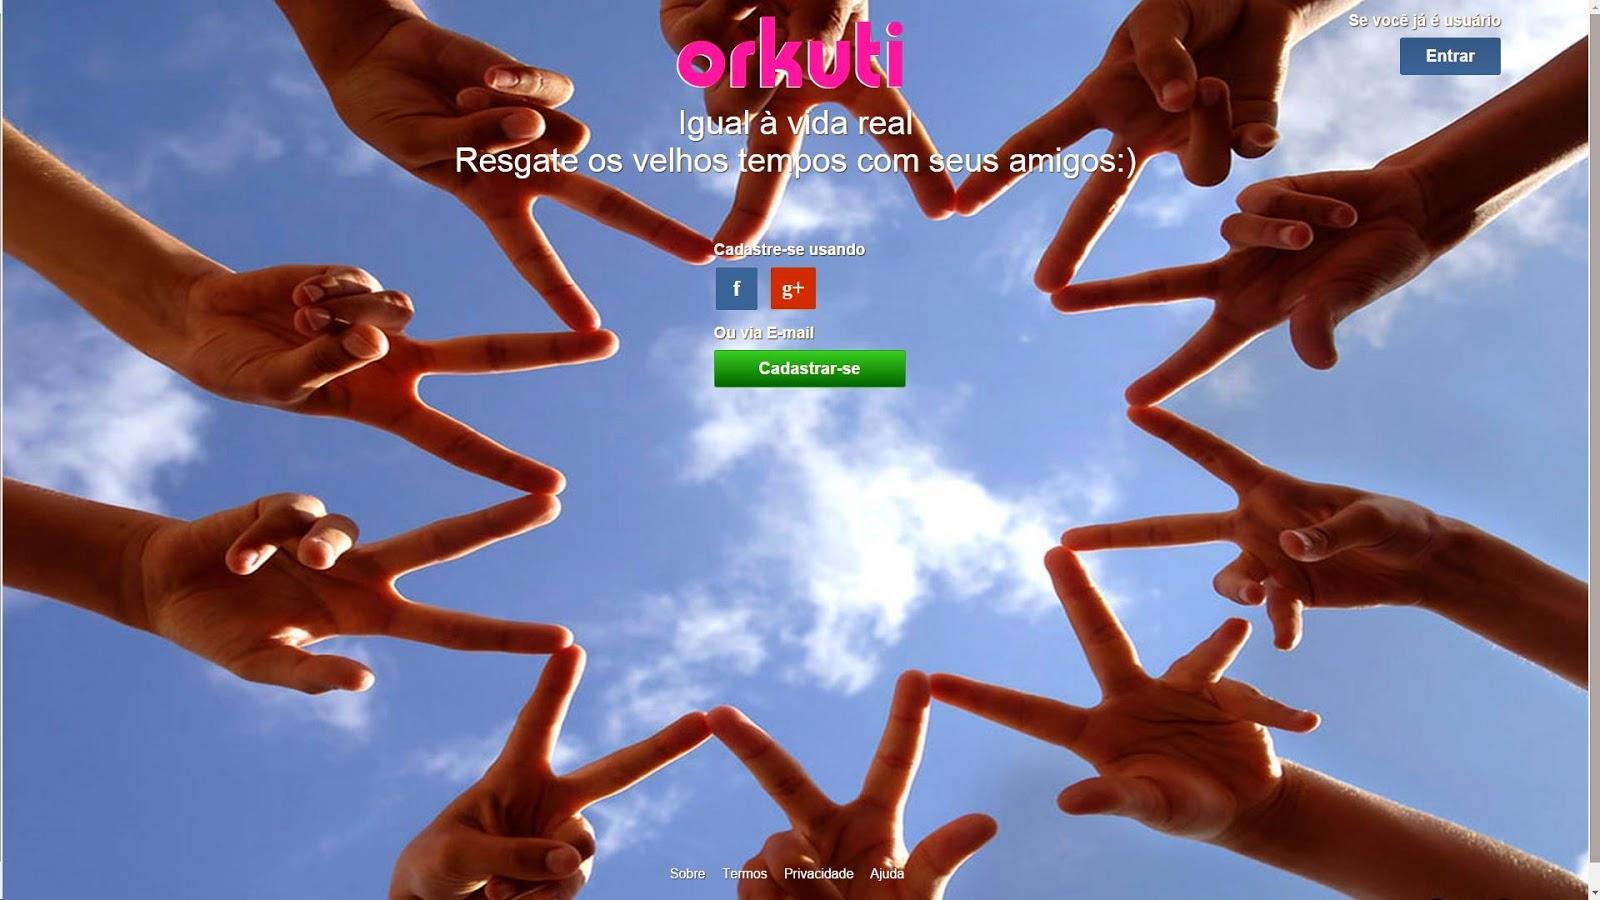 orkuti (1)